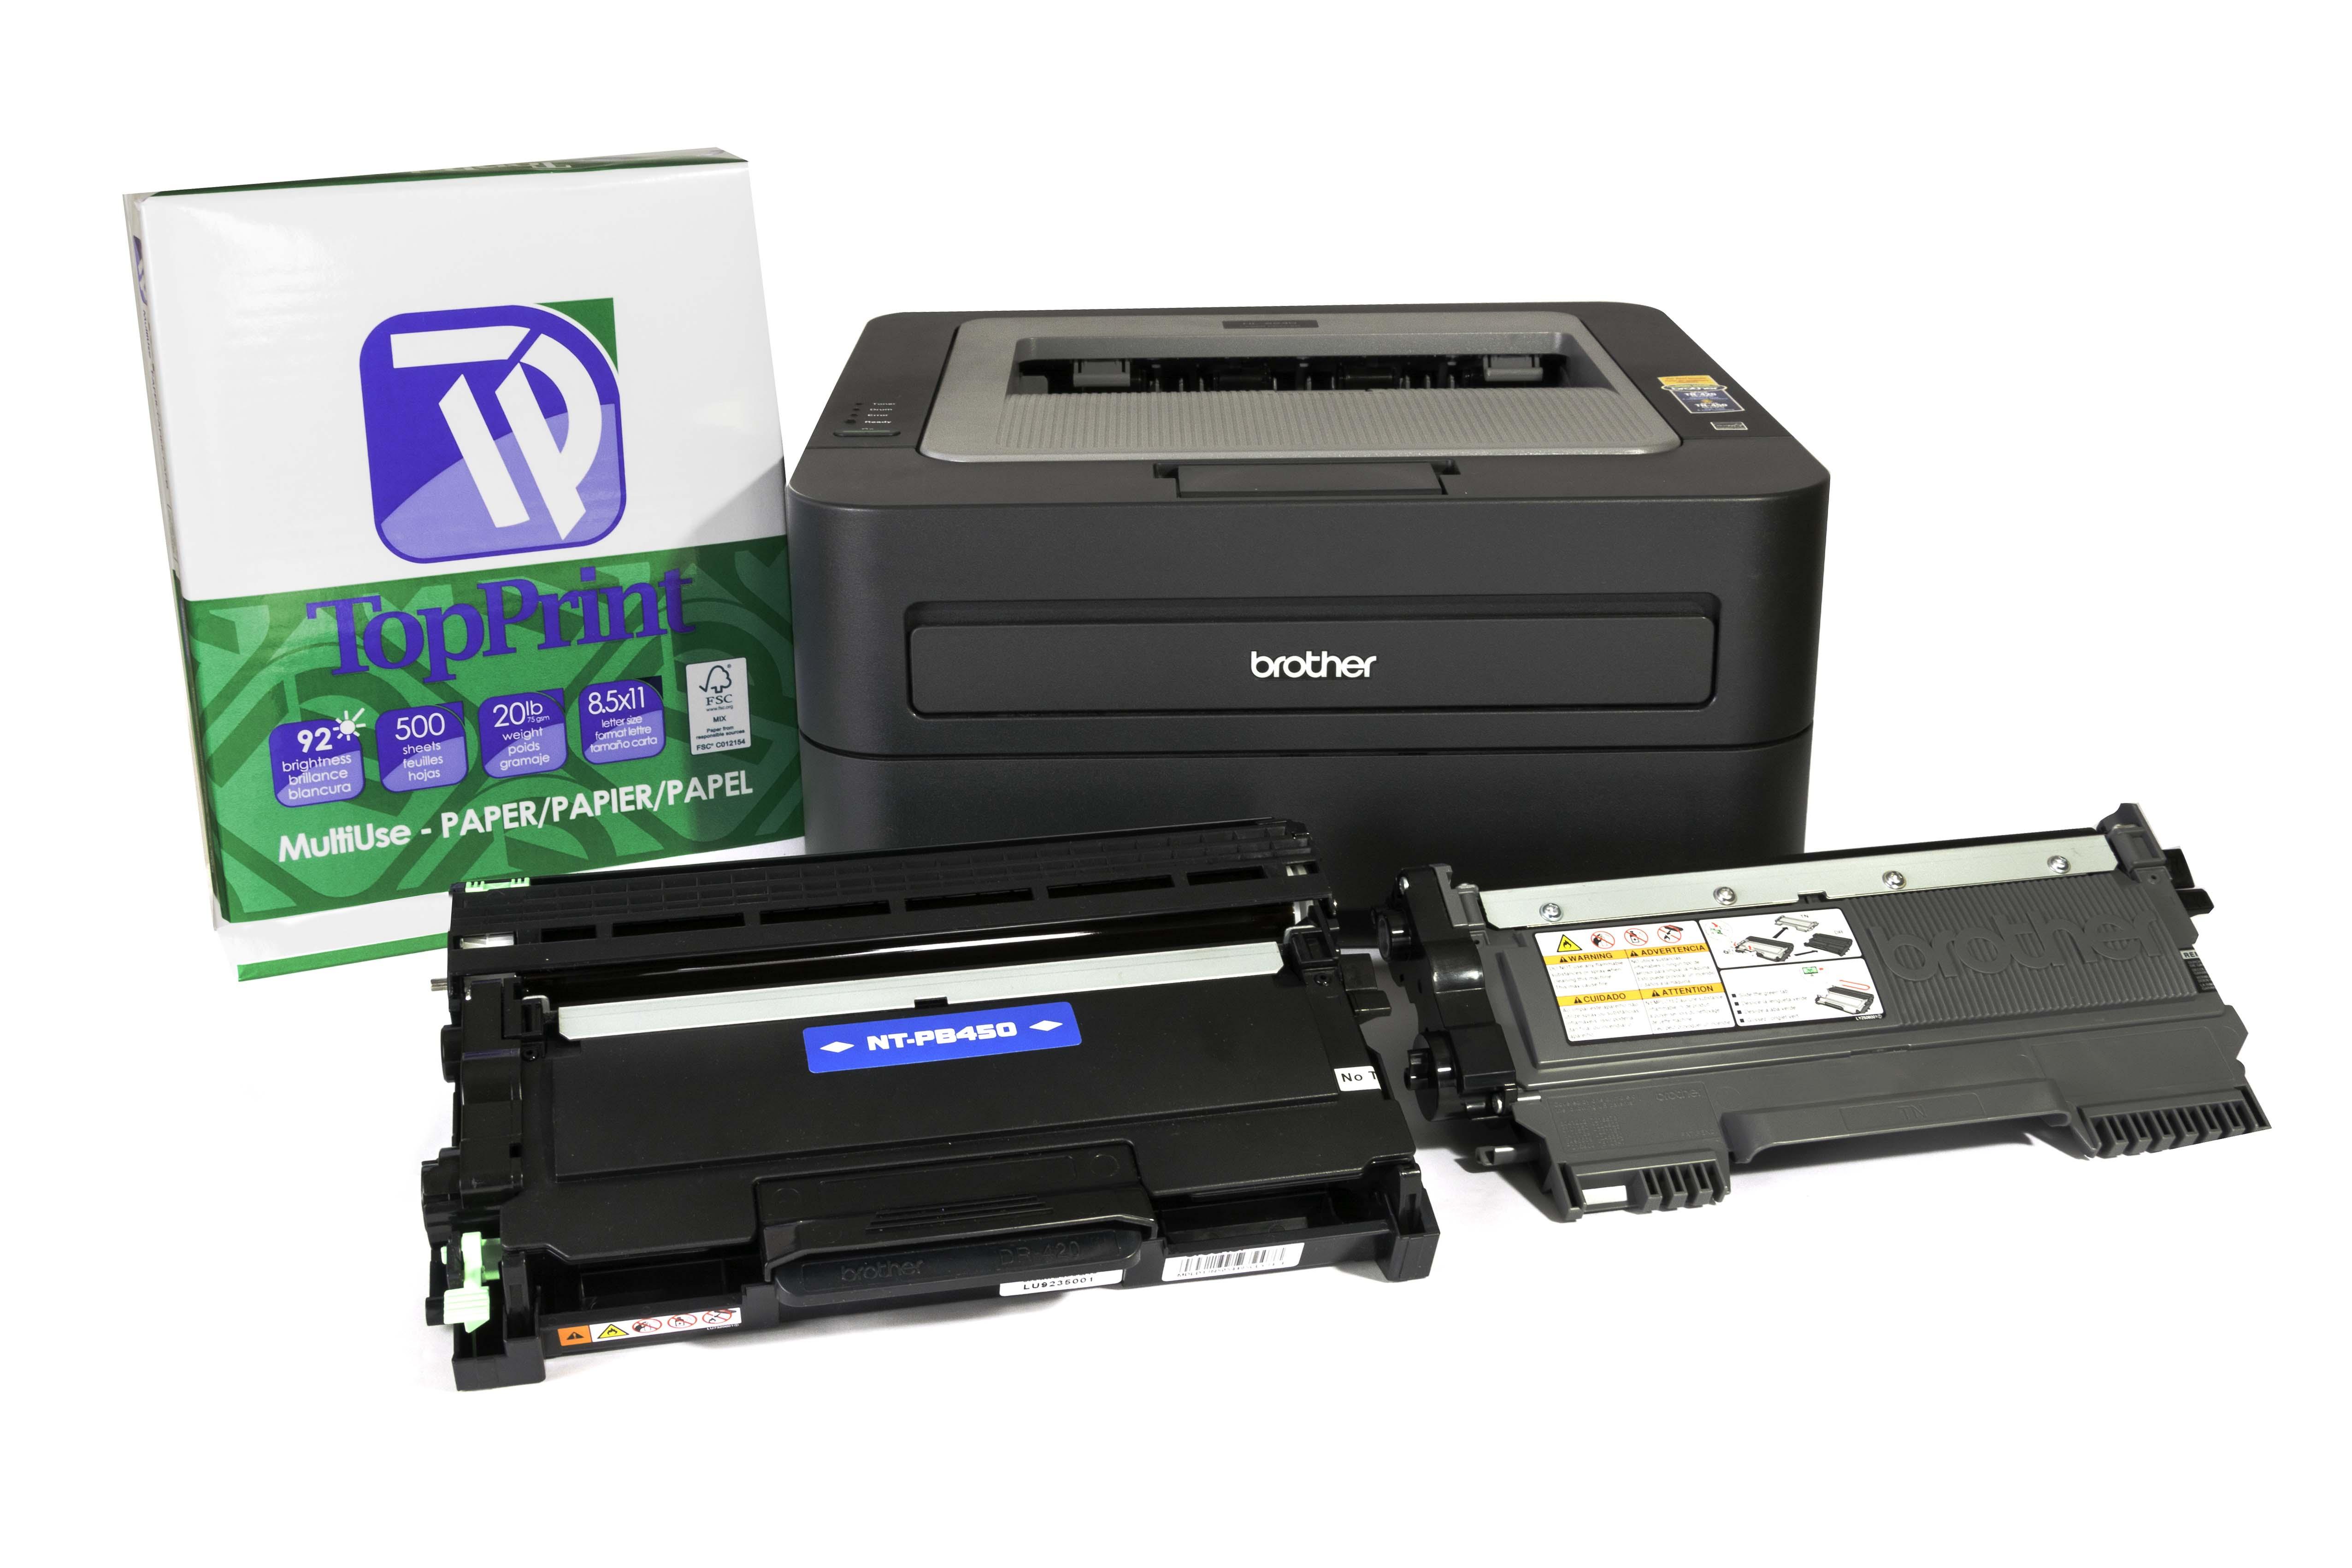 Brother HL-2240 printer, TN-450 compatible toner , TN-420 OEM toner, DR-420 drum unit, TopPrint copy paper